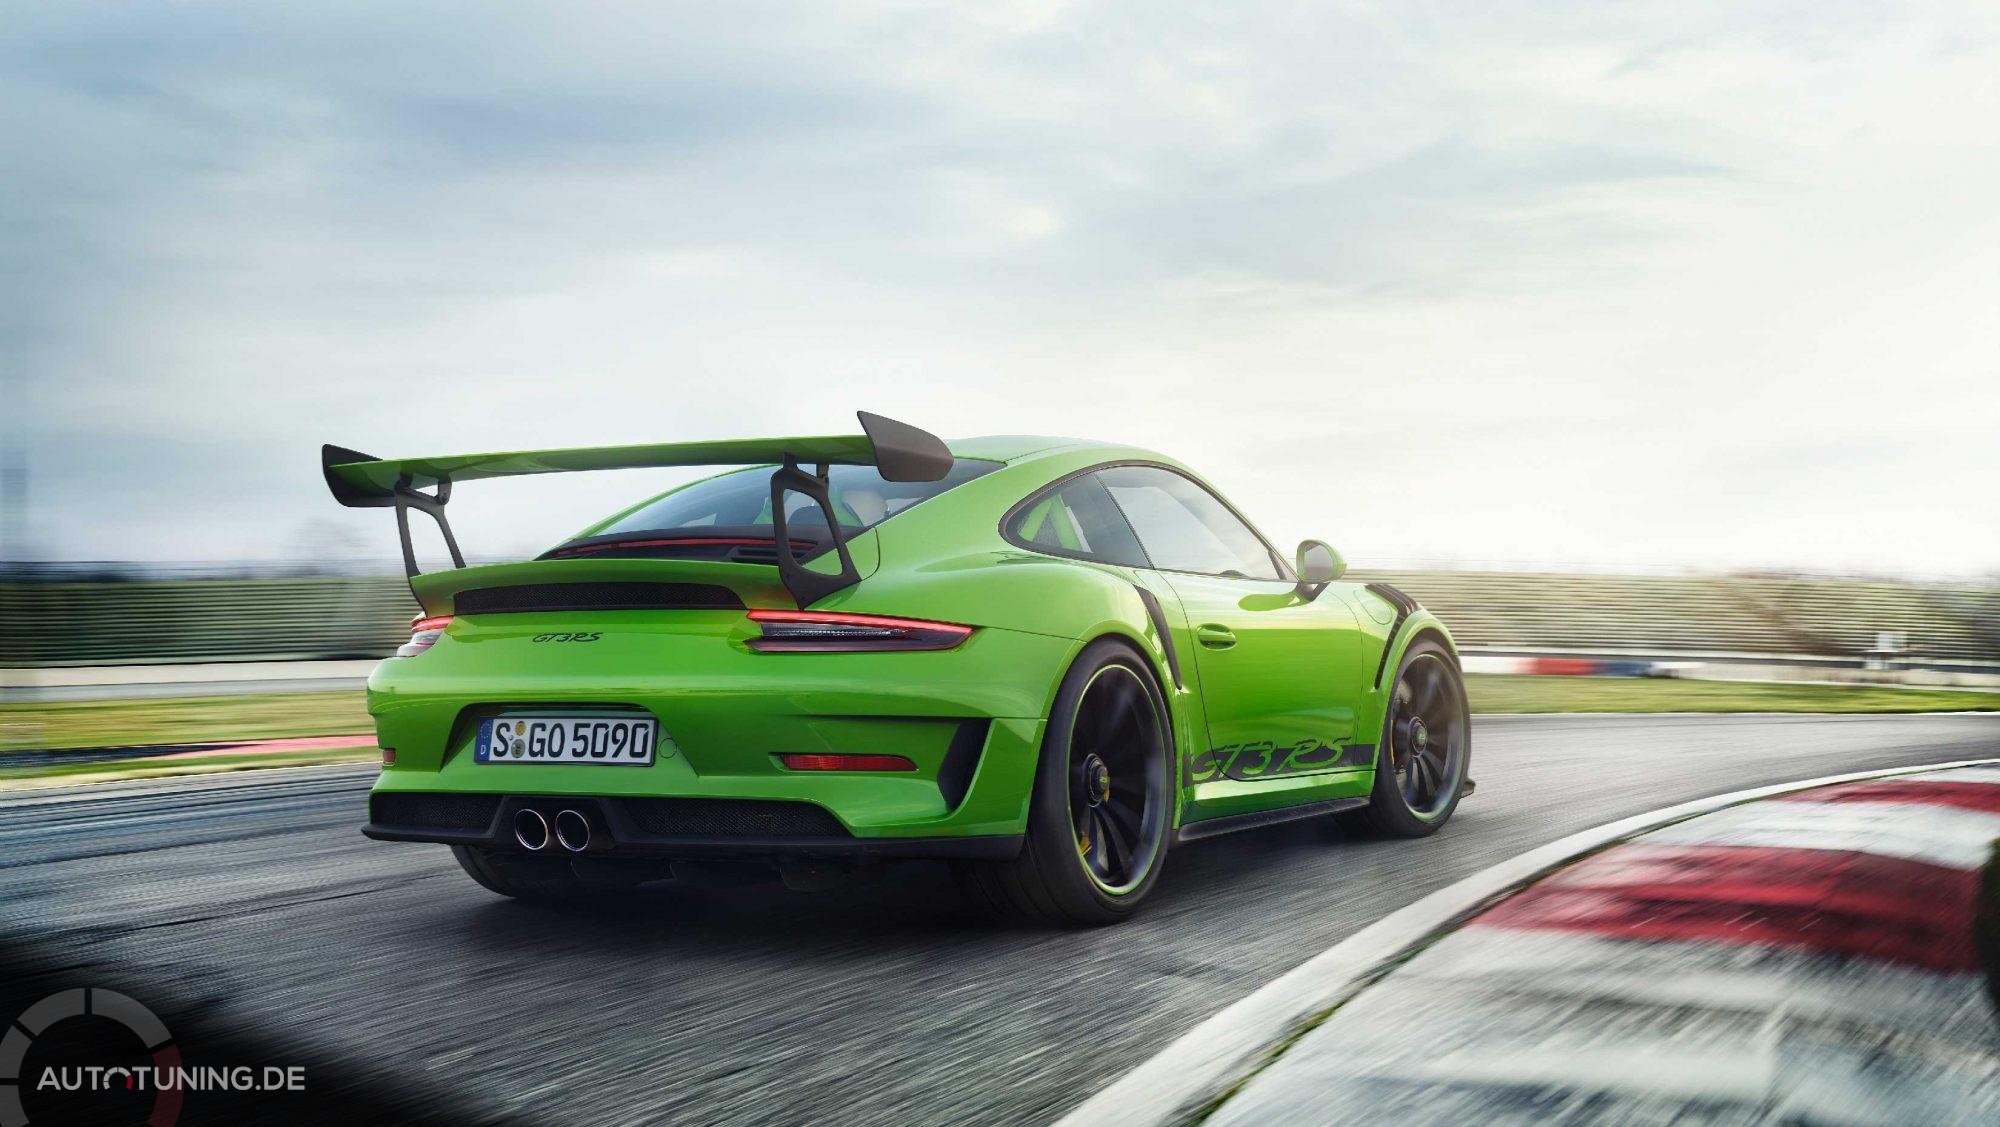 Heckansicht des grünen GT3 RS 2018 auf einer Rennbahn beim Fahren